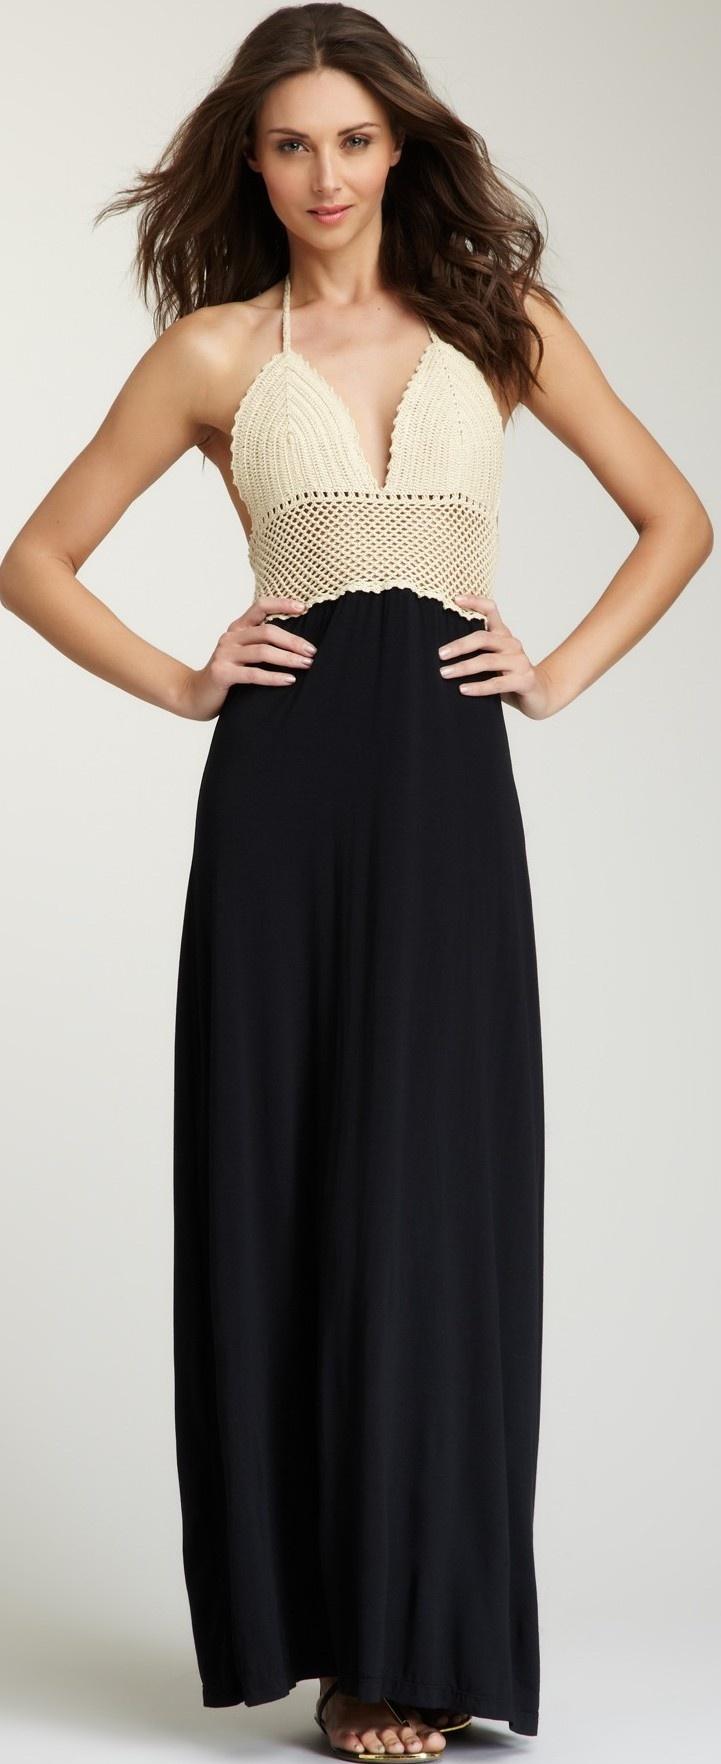 ViXLong Crochet Knit Dress ♥✤ | Keep the Glamour | BeStayBeautiful